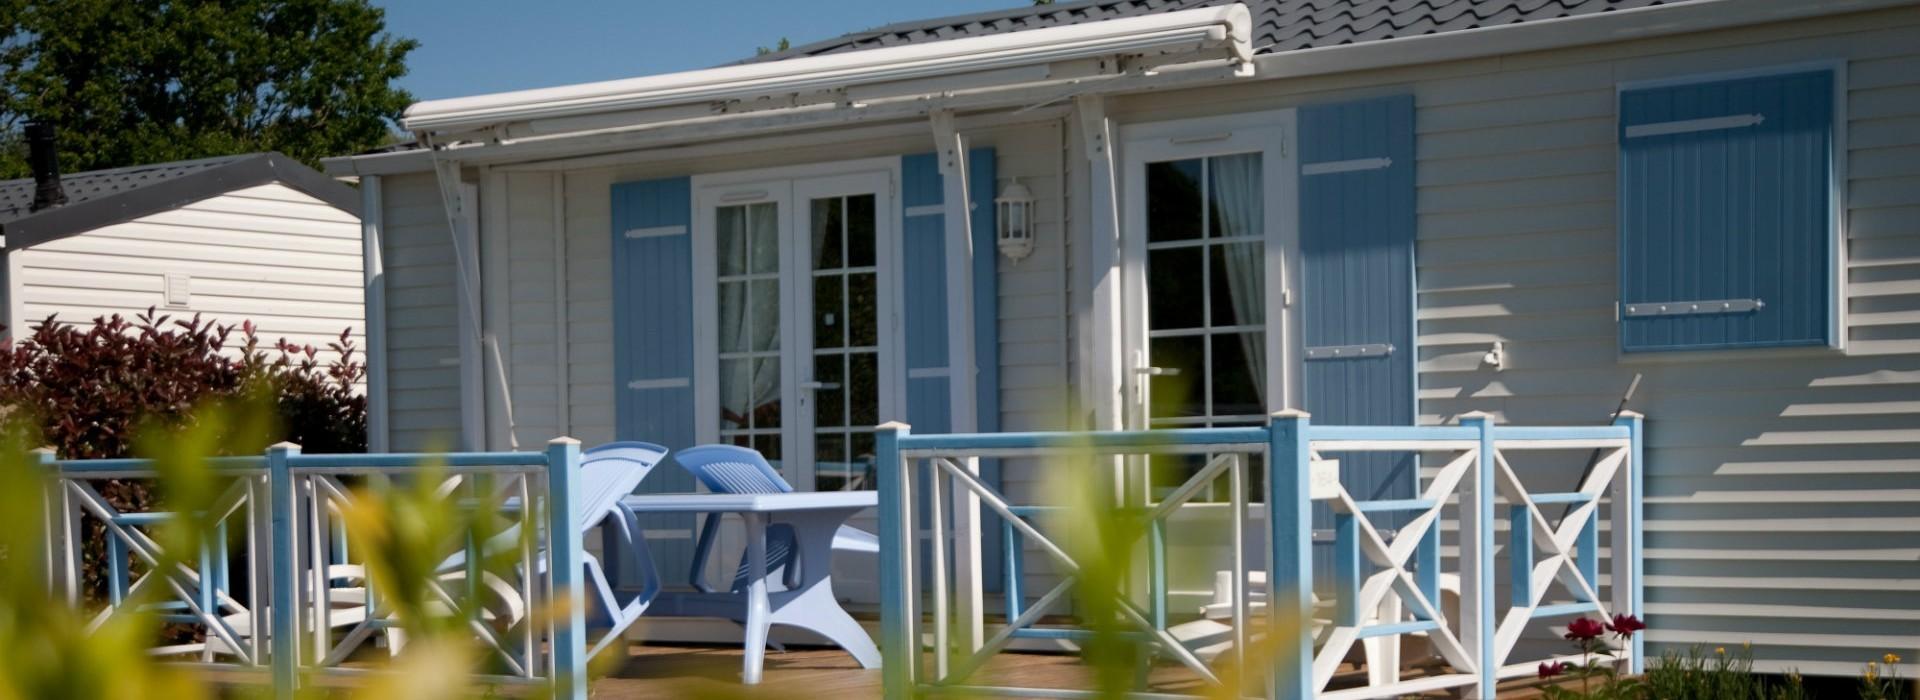 Campings, Parc Résidentiel, location équipements plein air - La Baule Guérande